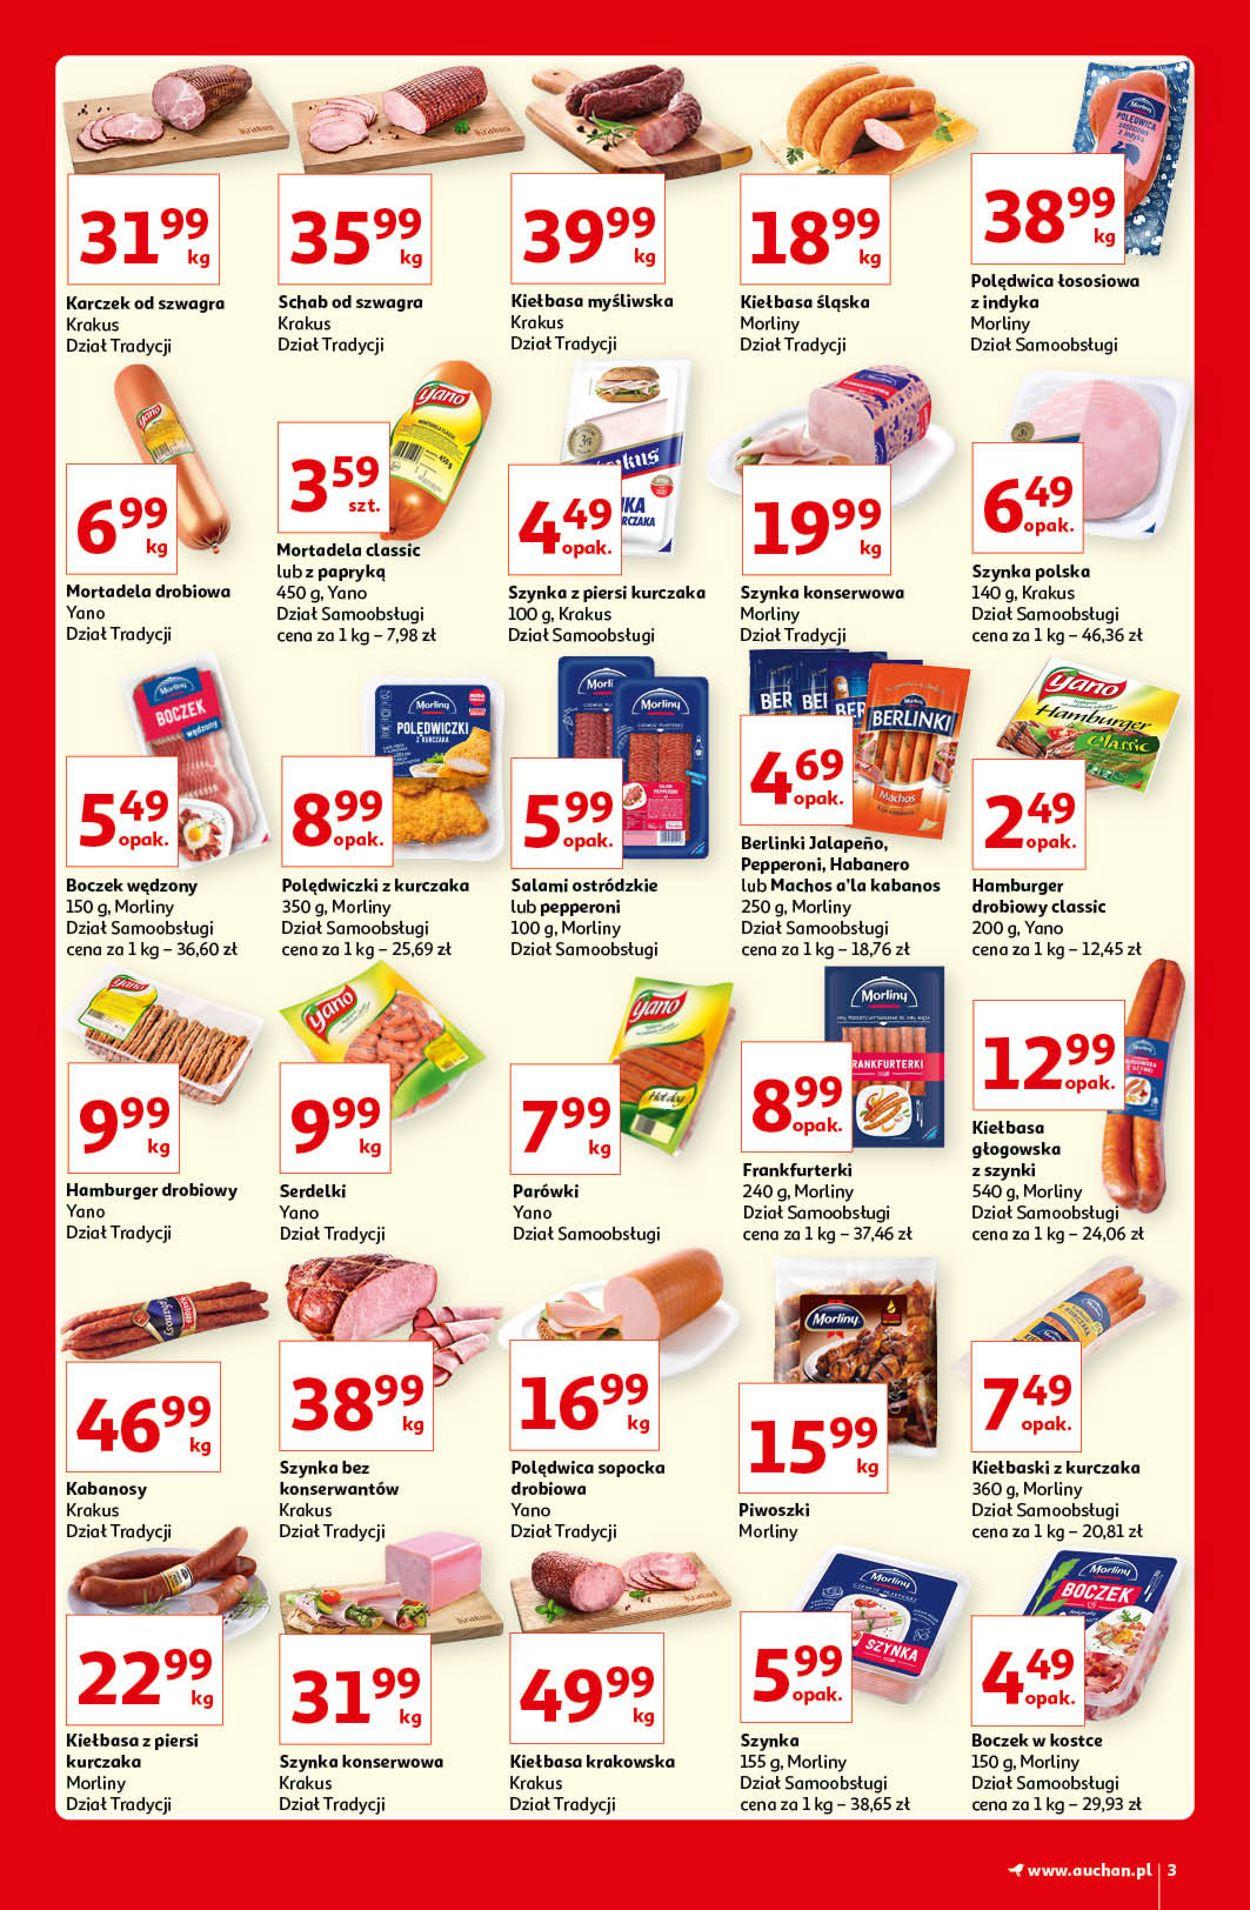 Gazetka promocyjna Auchan Kultowe marki Hipermarkety - 08.04-14.04.2021 (Strona 3)